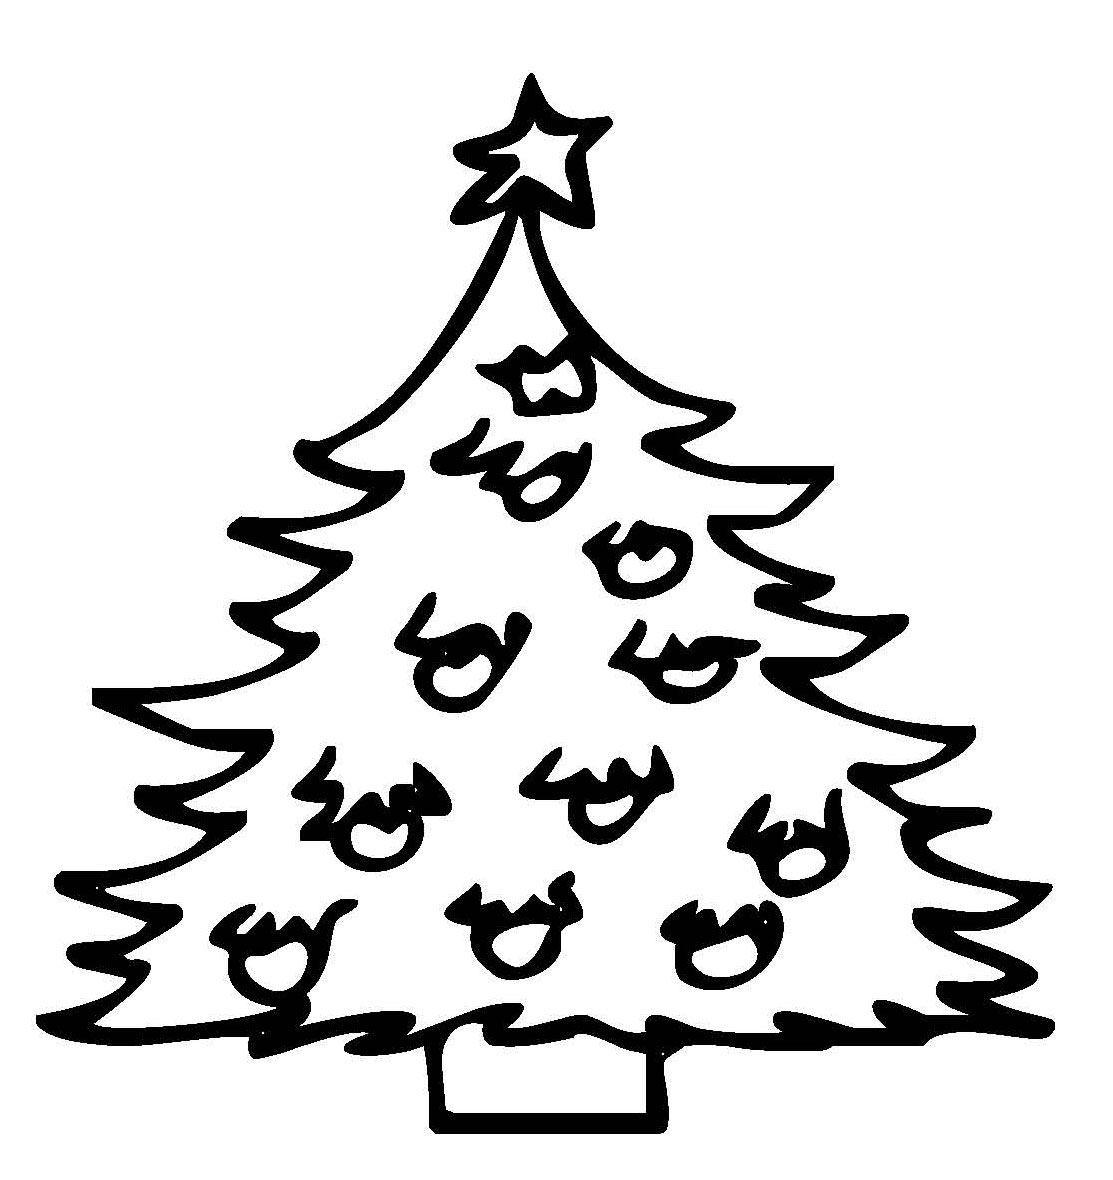 Kostenlose Ausmalbilder Und Malvorlagen Weihnachtsbaume Zum Ausmalen Und Ausdrucken Weihnachtsbaum Kostenlose Ausmalbilder Geschenke Weihnachten